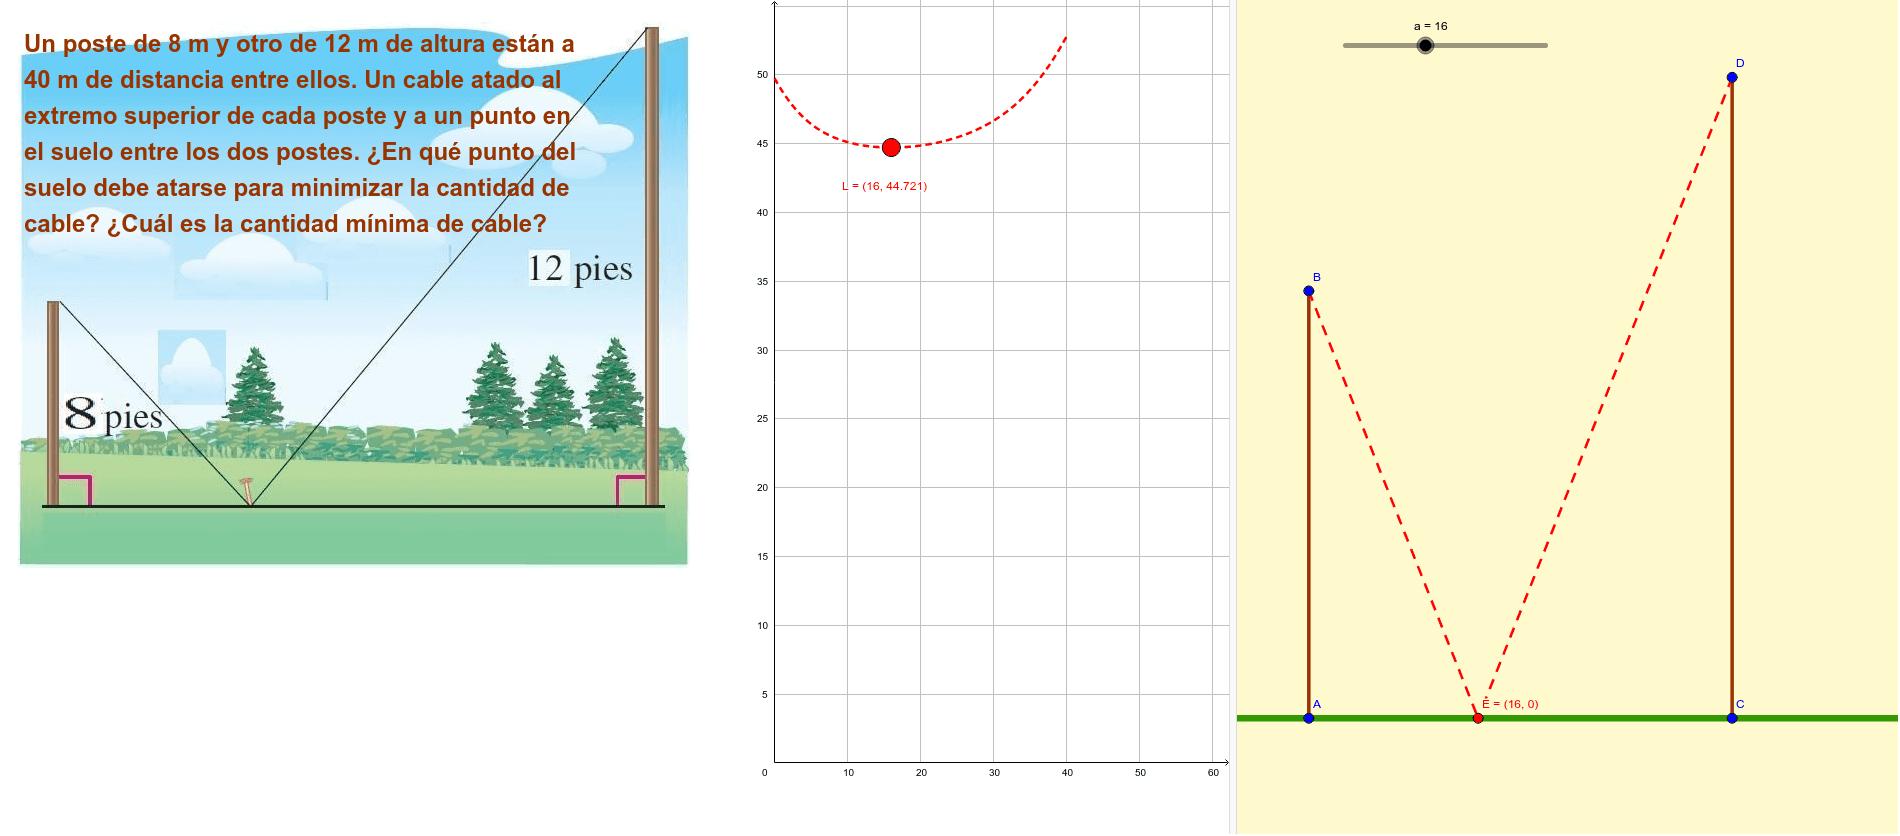 Antes de resolver el problema, analice la siguiente aplicación dinámica ... El problema plantea la situación de utilizar la menor cantidad de cables Presiona Intro para comenzar la actividad